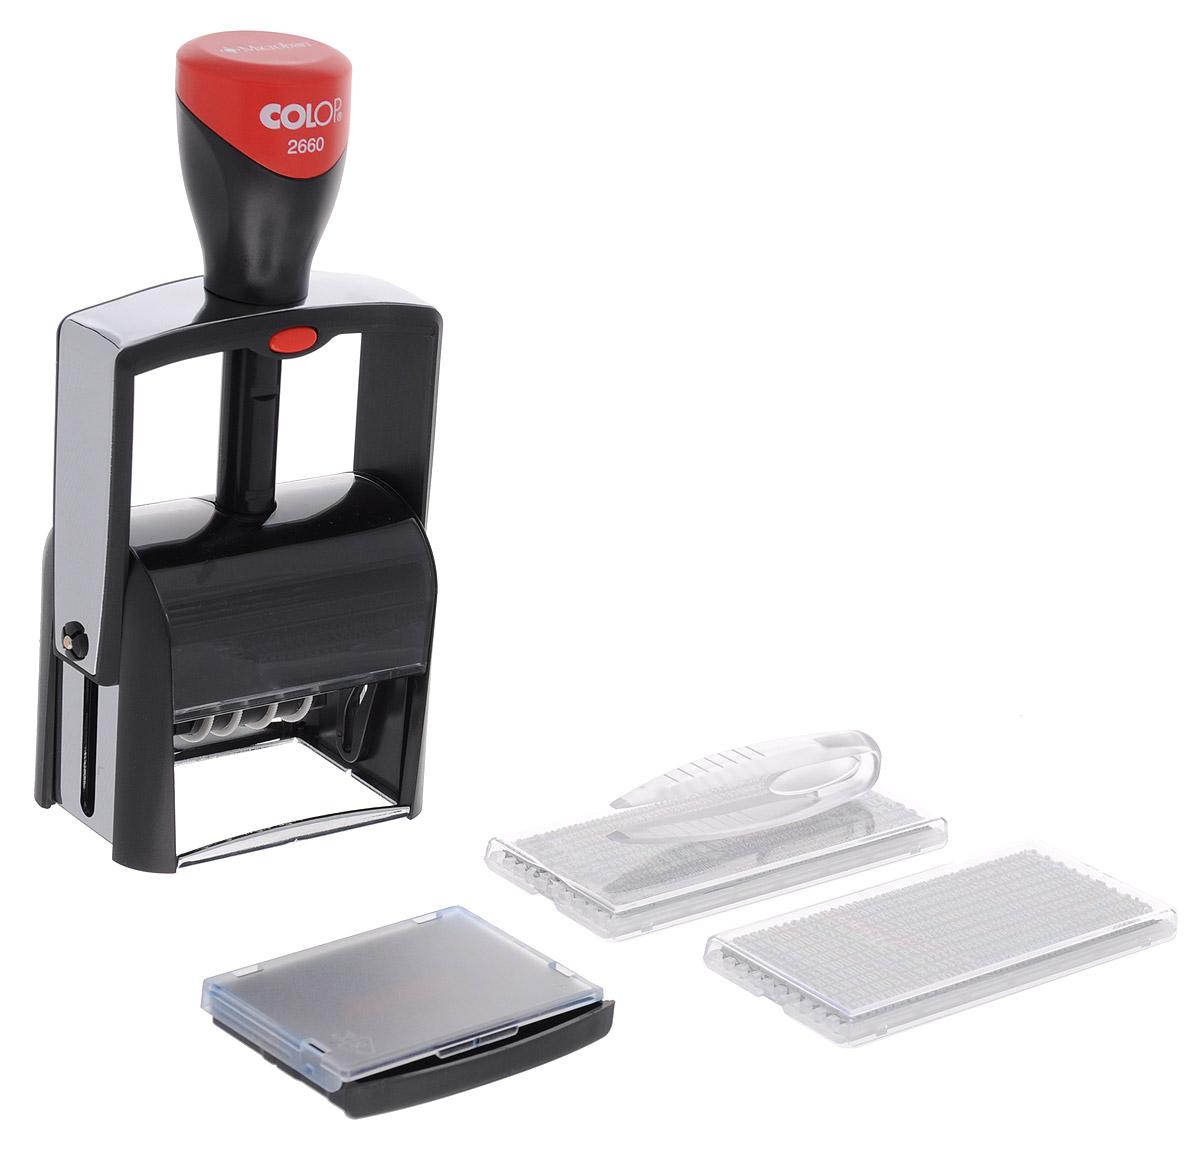 Colop Датер самонаборный S 2660 Set-FS2660 Set-FДатер имеет металлический каркас, обрамленный пластиком. Автоматическое окрашивание текста. Встроенная антибактериальная защита на основе 3G-серебра в ручке и колпачке. Изделие предназначено для работы с повышенной нагрузкой. Мягкость и бесшумность хода, легкий доступ к колесам смены даты. Ленты датерных механизмов закрыты специальным кожухом, который гарантирует абсолютную чистоту в процессе использования. Рифленая пластина для набора текста расположена вокруг даты, дата 4 мм - находится в центре. Датер рассчитан на 12 лет, включая текущий год. В комплекте: датер с рифленой пластиной, пинцет, две кассы букв Type Set A и B, двухцветная сменная подушка, рамка. Месяц указан буквами. Крепление символов на одной ножке, экспресс-набор текста.